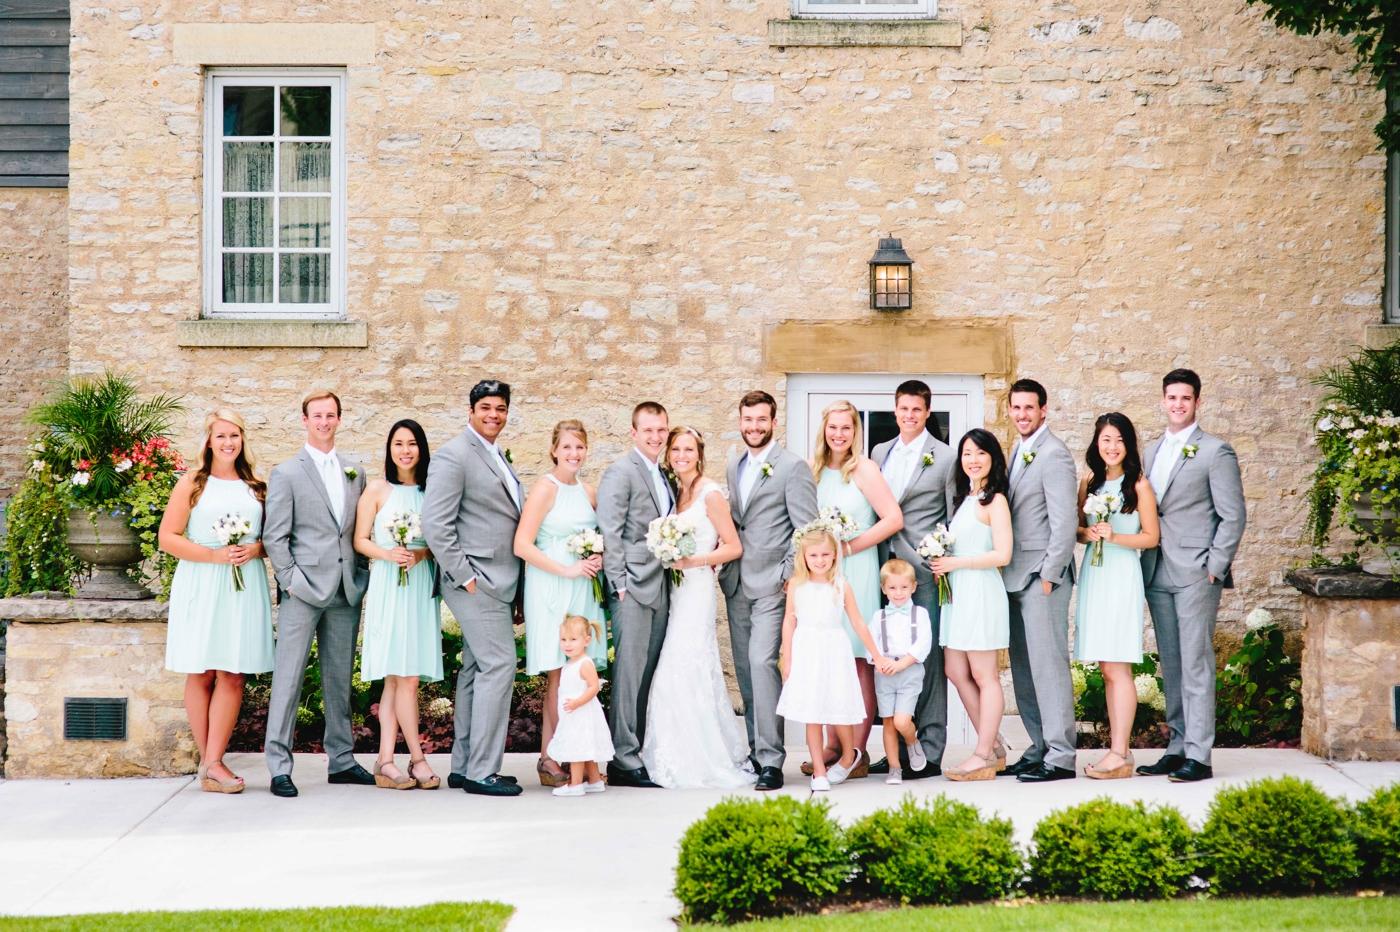 chicago-fine-art-wedding-photography-stewart17